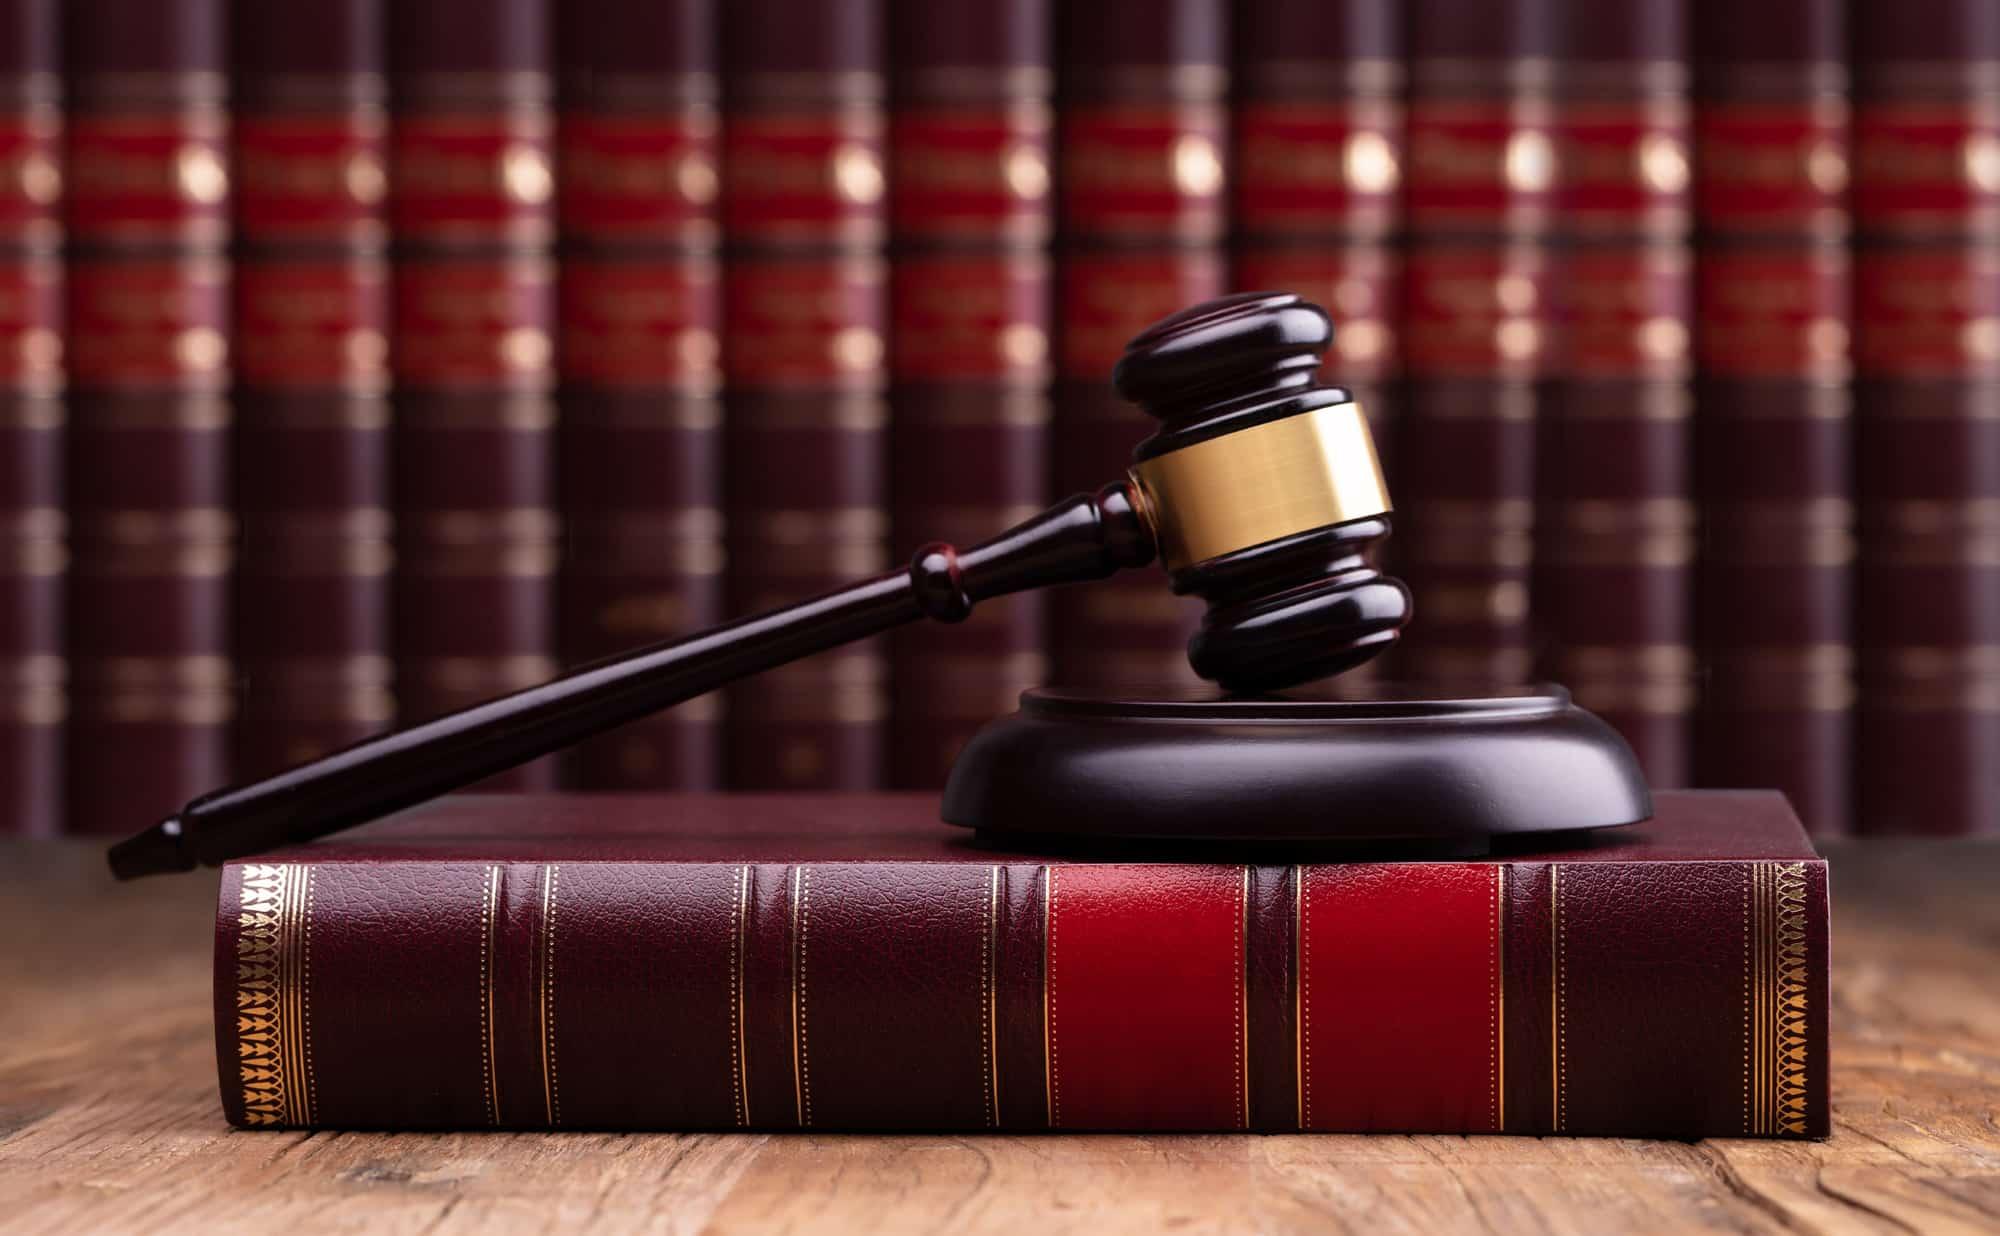 פערים בין הודאת הנאשם לבין הממצאים בזירה הובילו לזיכוי